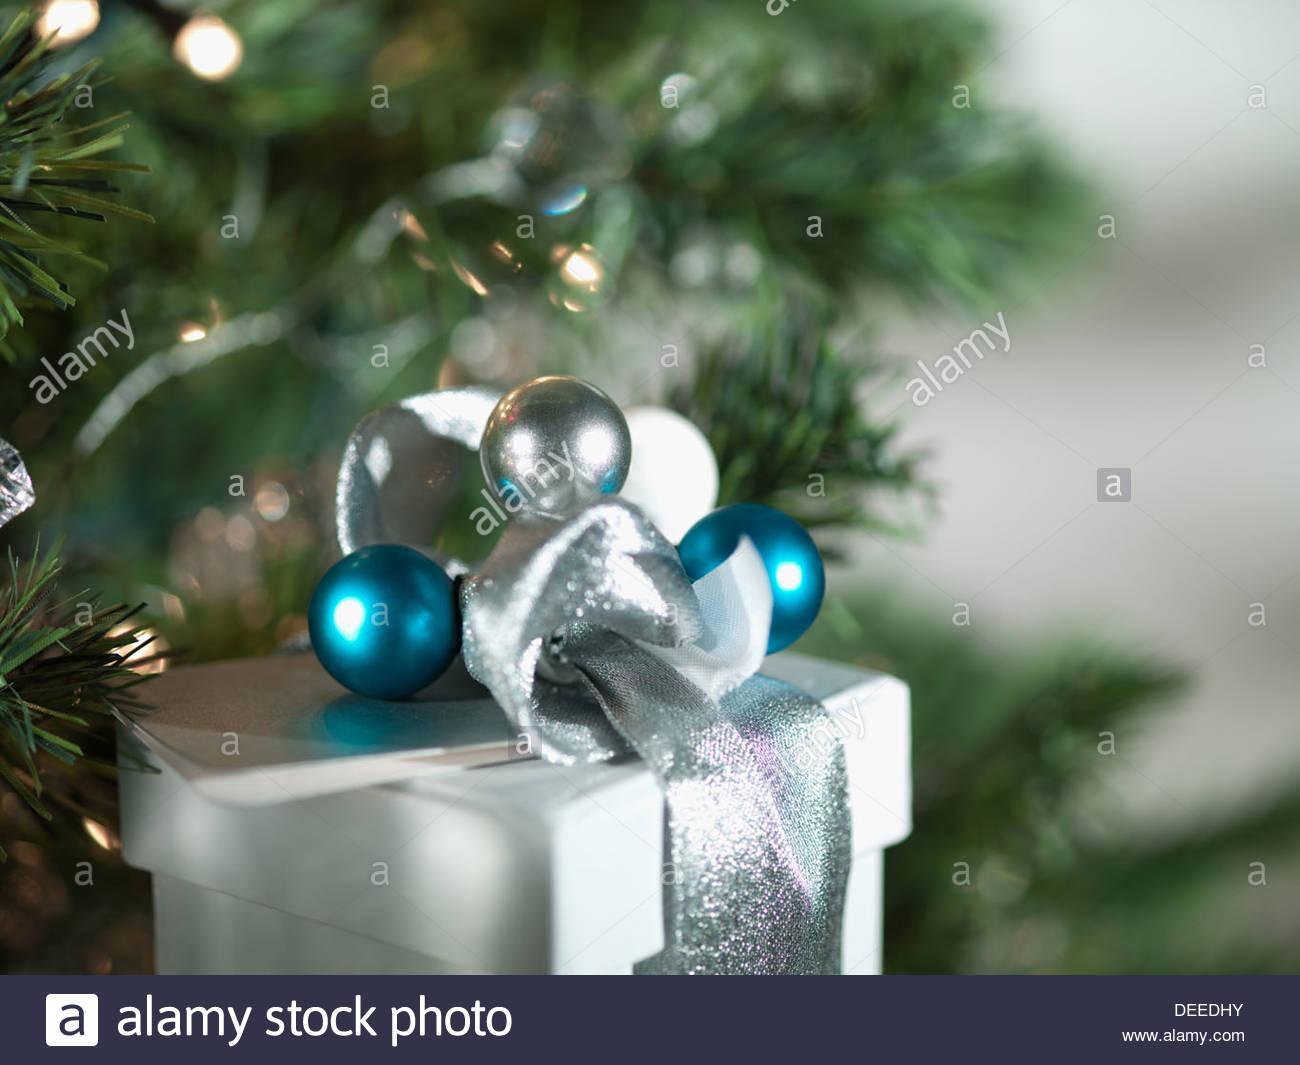 Weihnachtsgeschenke mit Silberband und Verpackung Stockbild